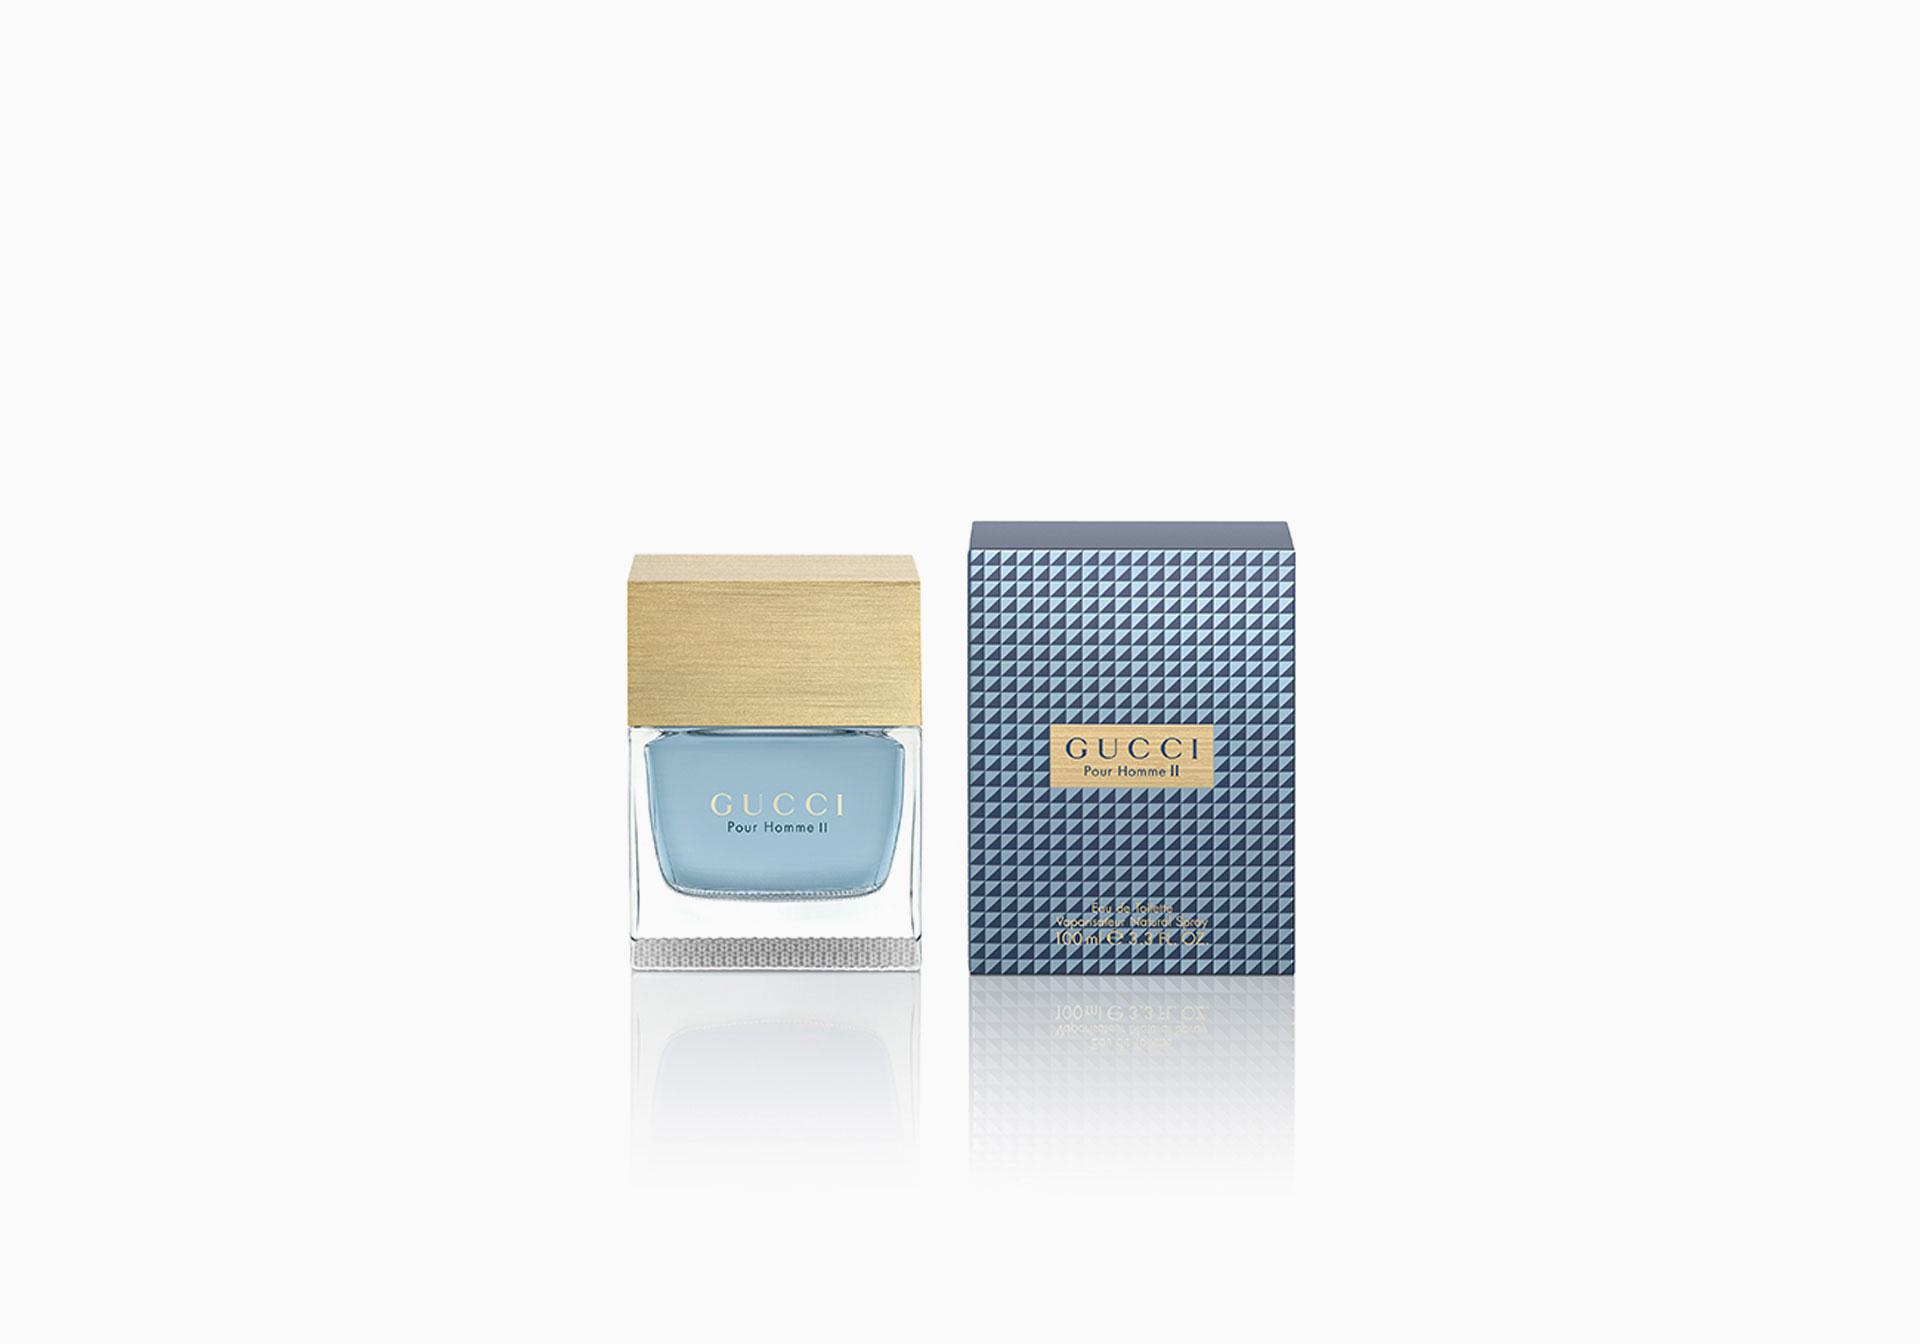 Gucci Parfums , LUTZ HERRMANN Design , Hamburg